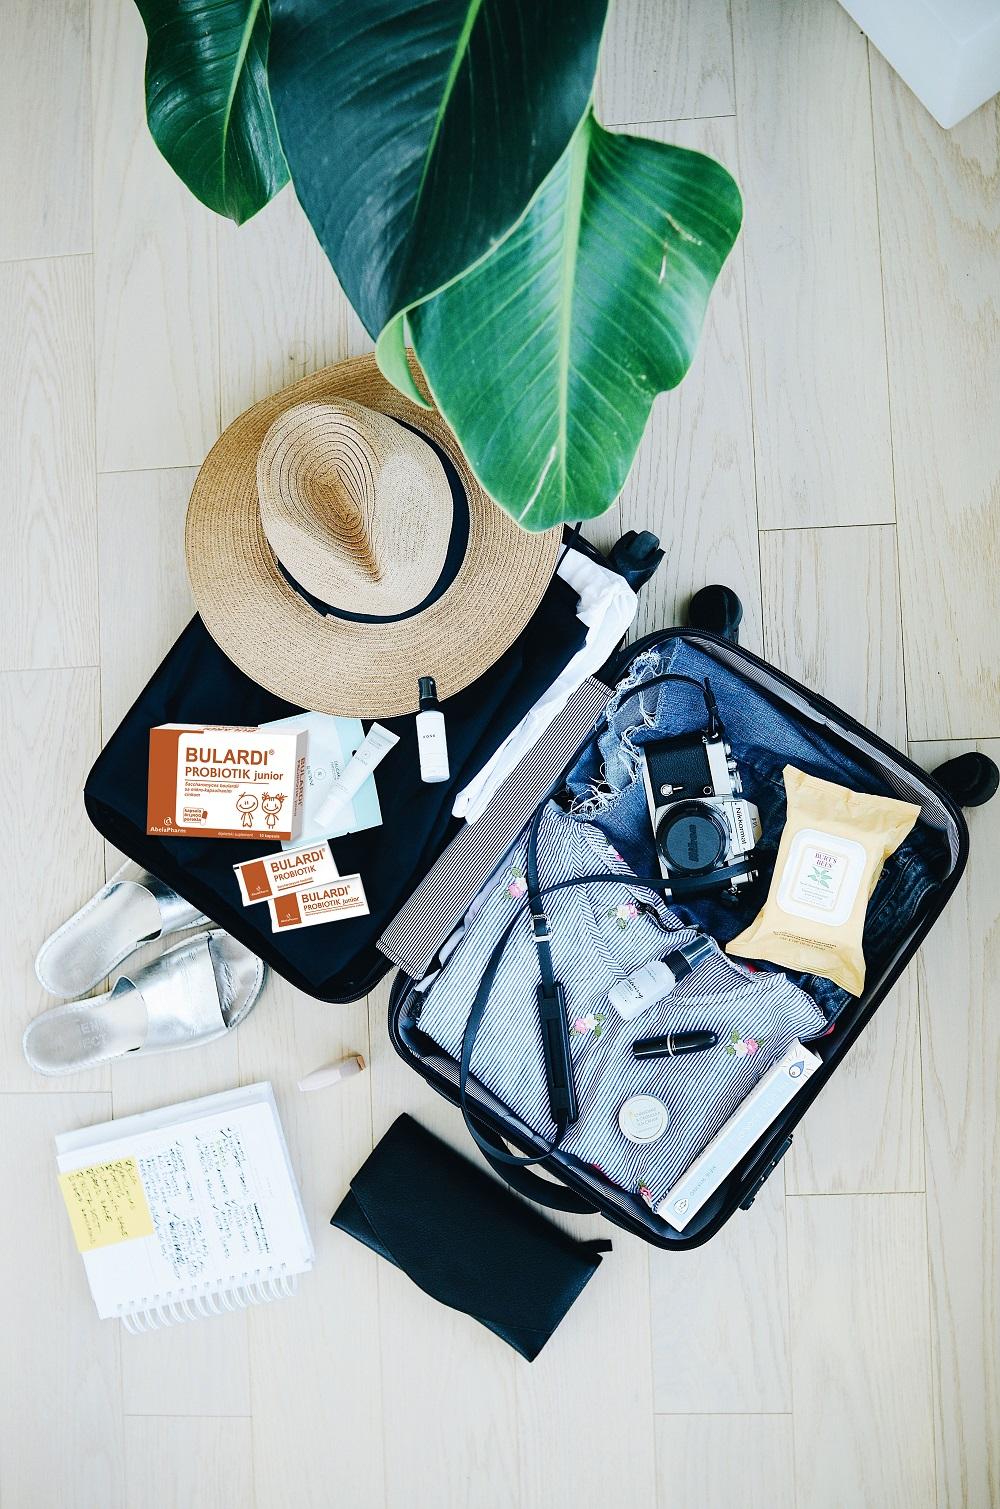 Putnička dijareja obavezno poneti i Bulardi U susret letovanju: Stvari koje obavezno treba da imaš u koferu